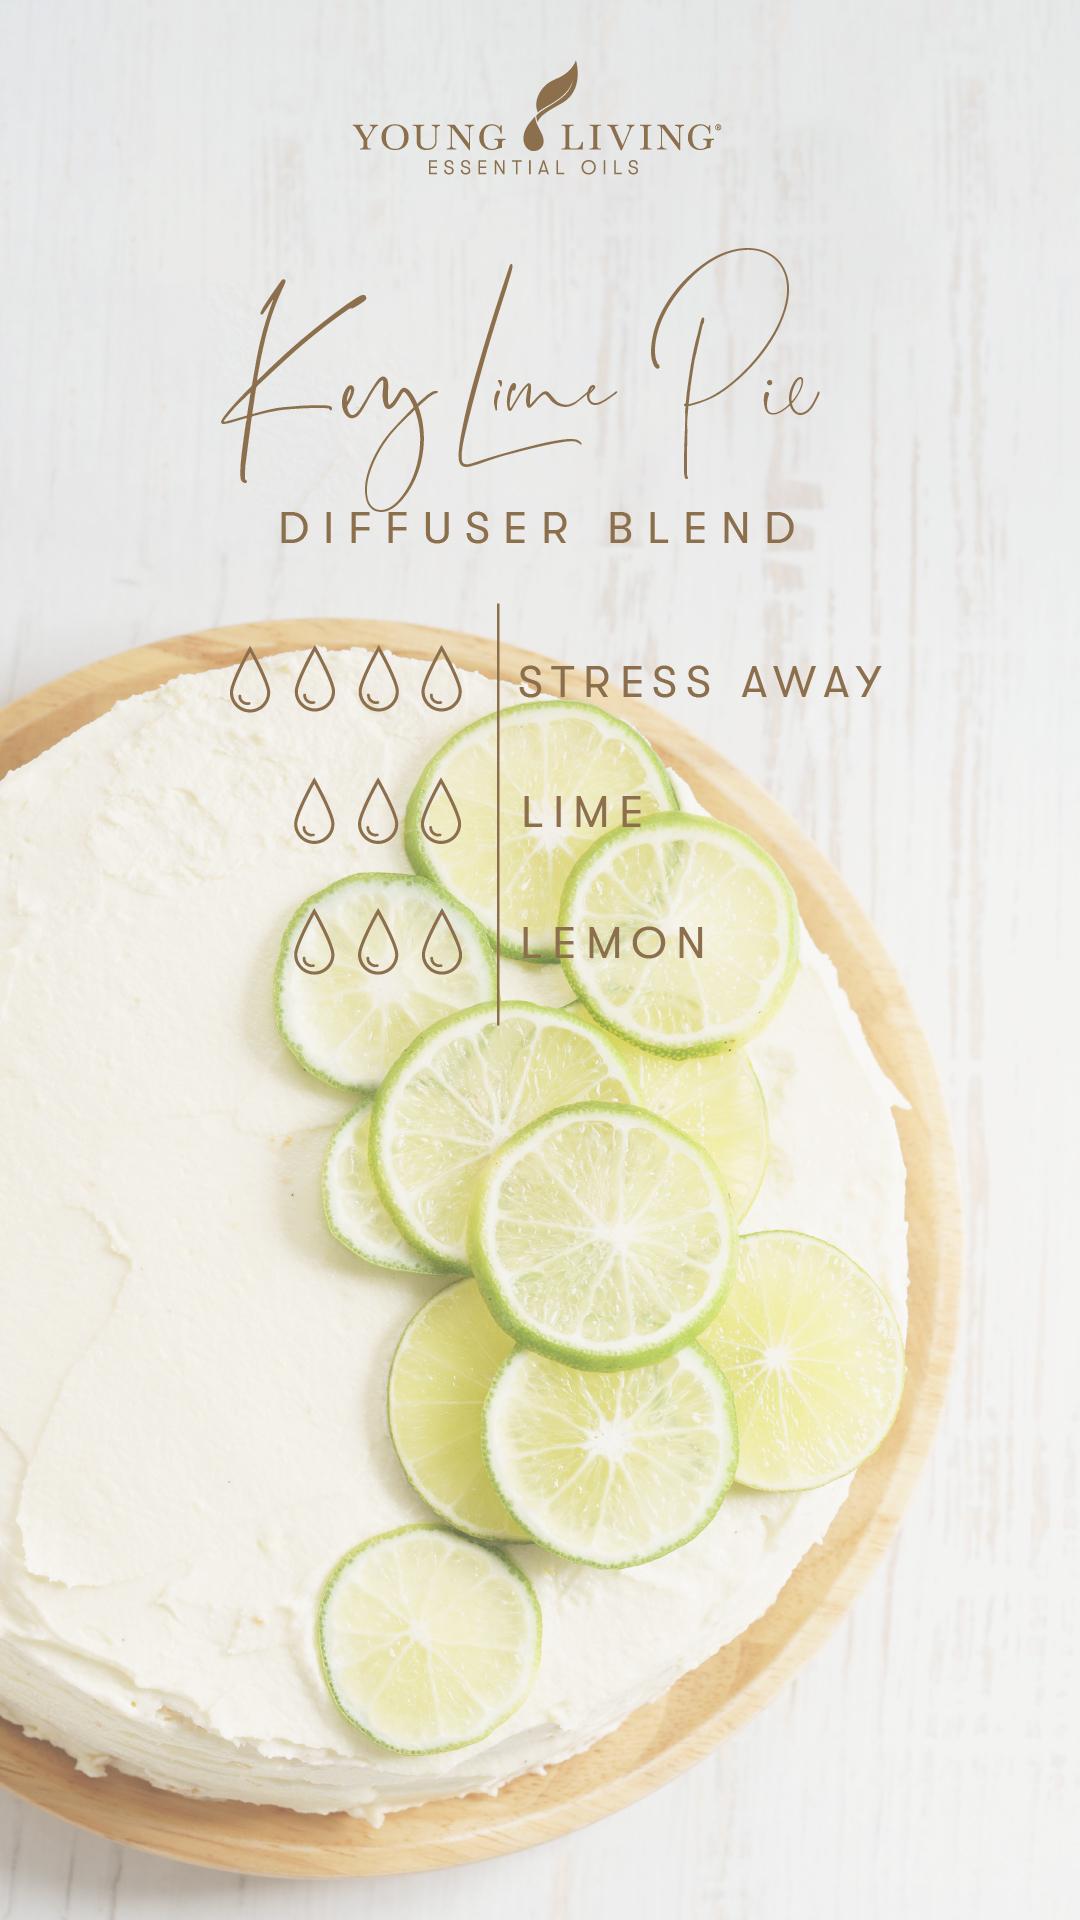 4 drops Stress Away 3 drops Lime 3 drops Lemon